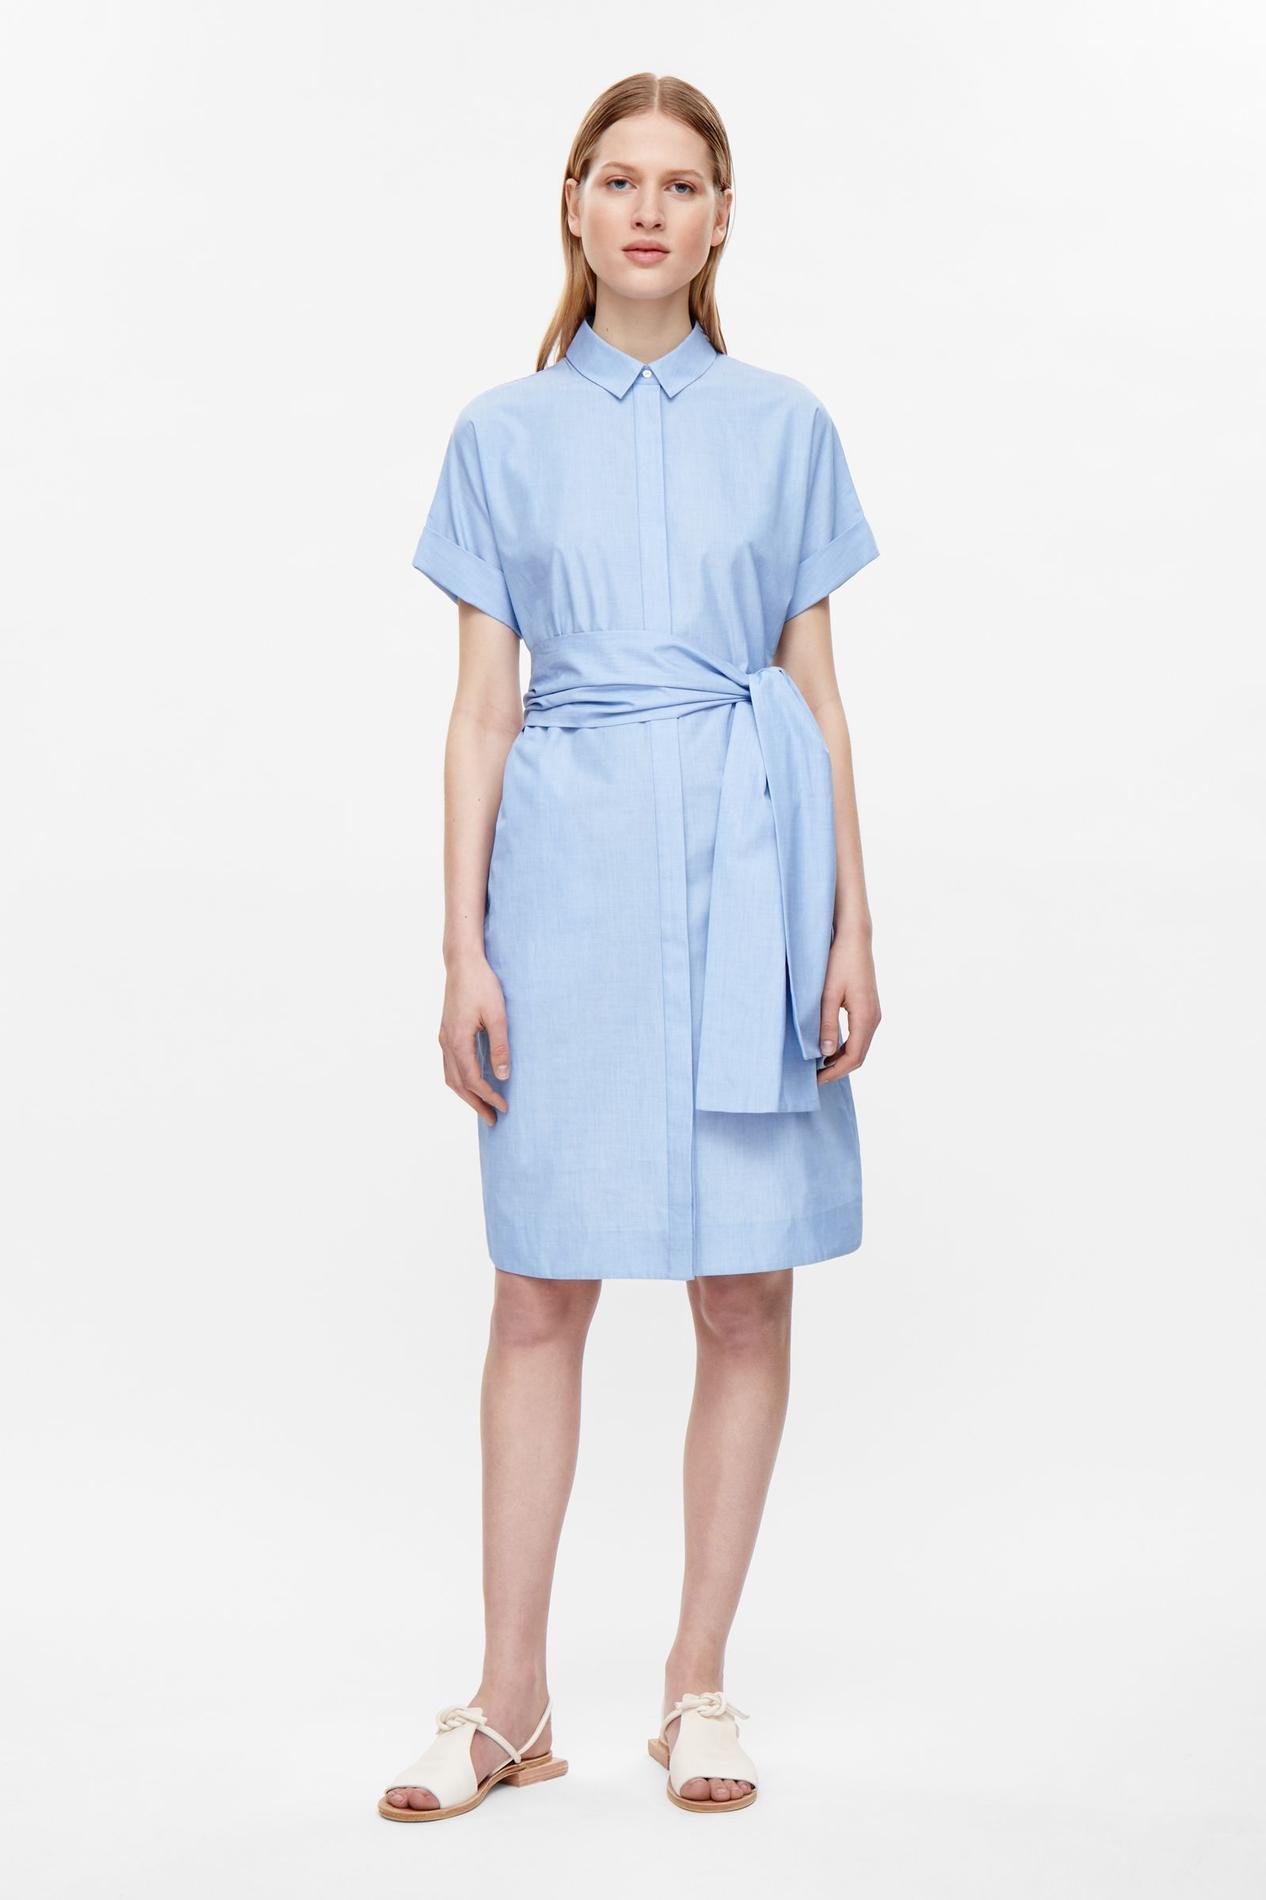 La robe chemise un ind modable de l t depuis marie - Comment porter une chemise transparente ...